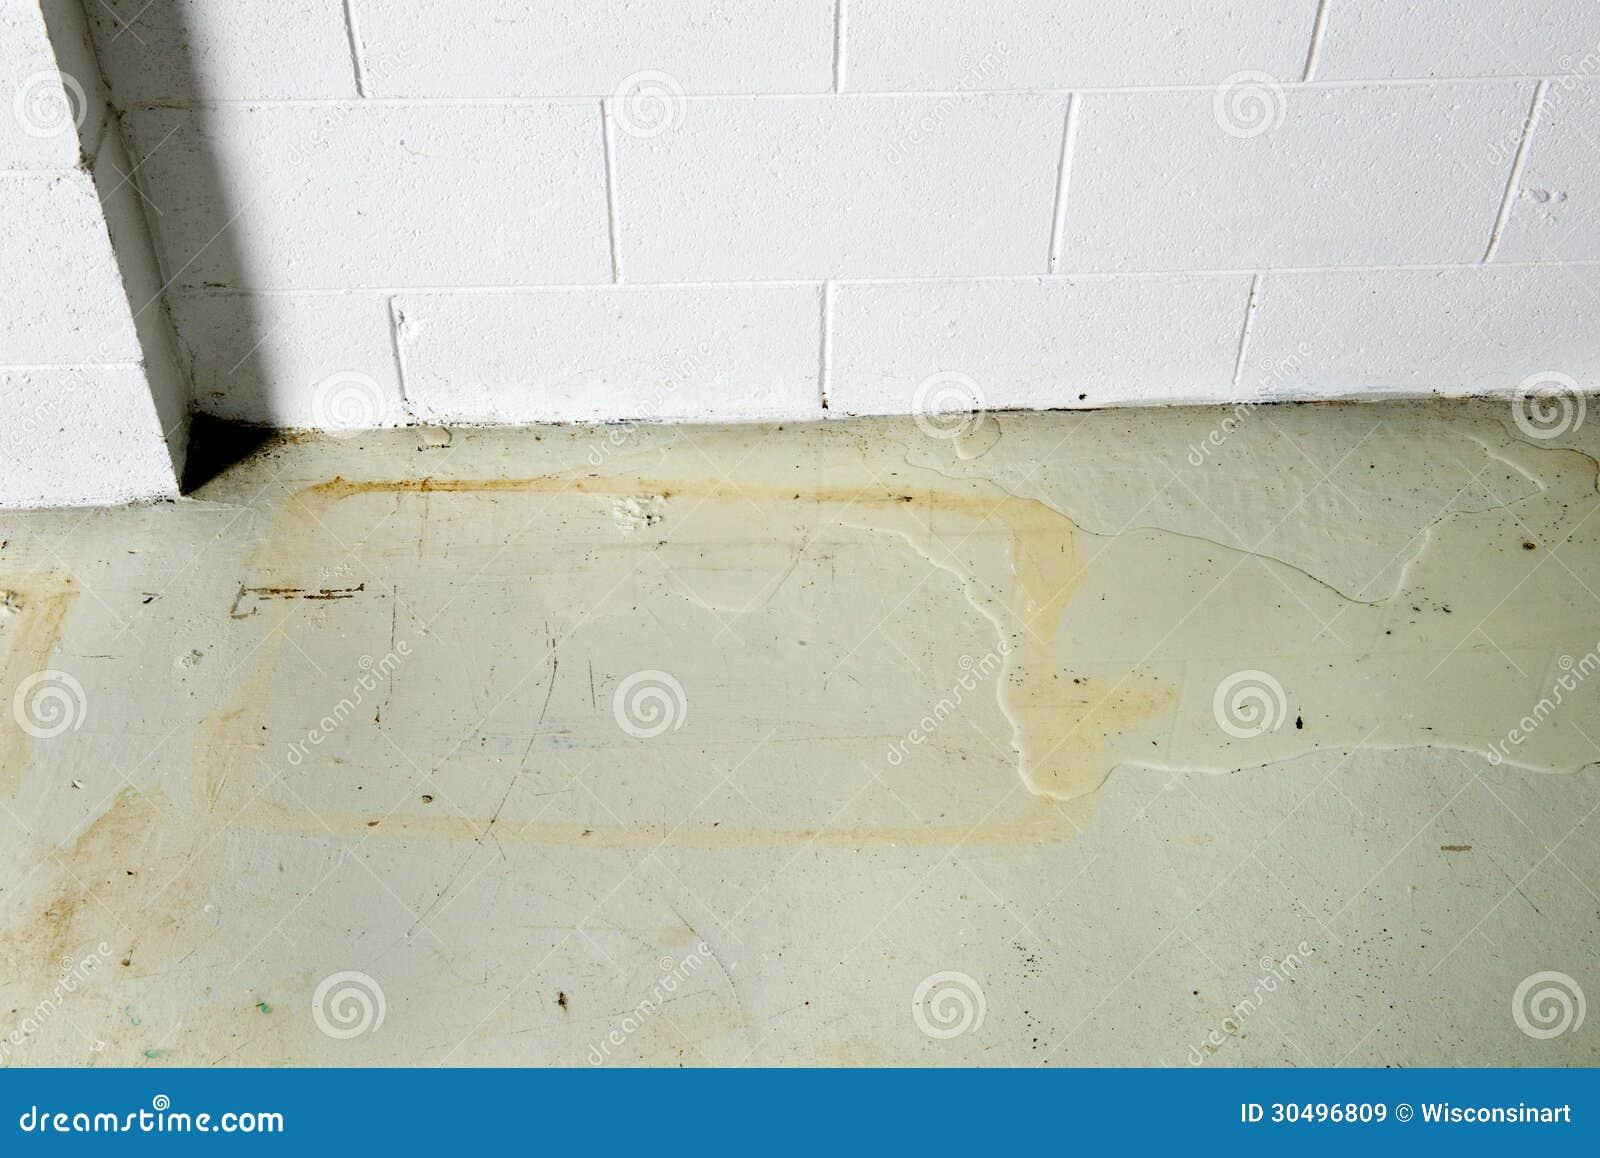 basement water seepage thru foundation seeping causing damage staining